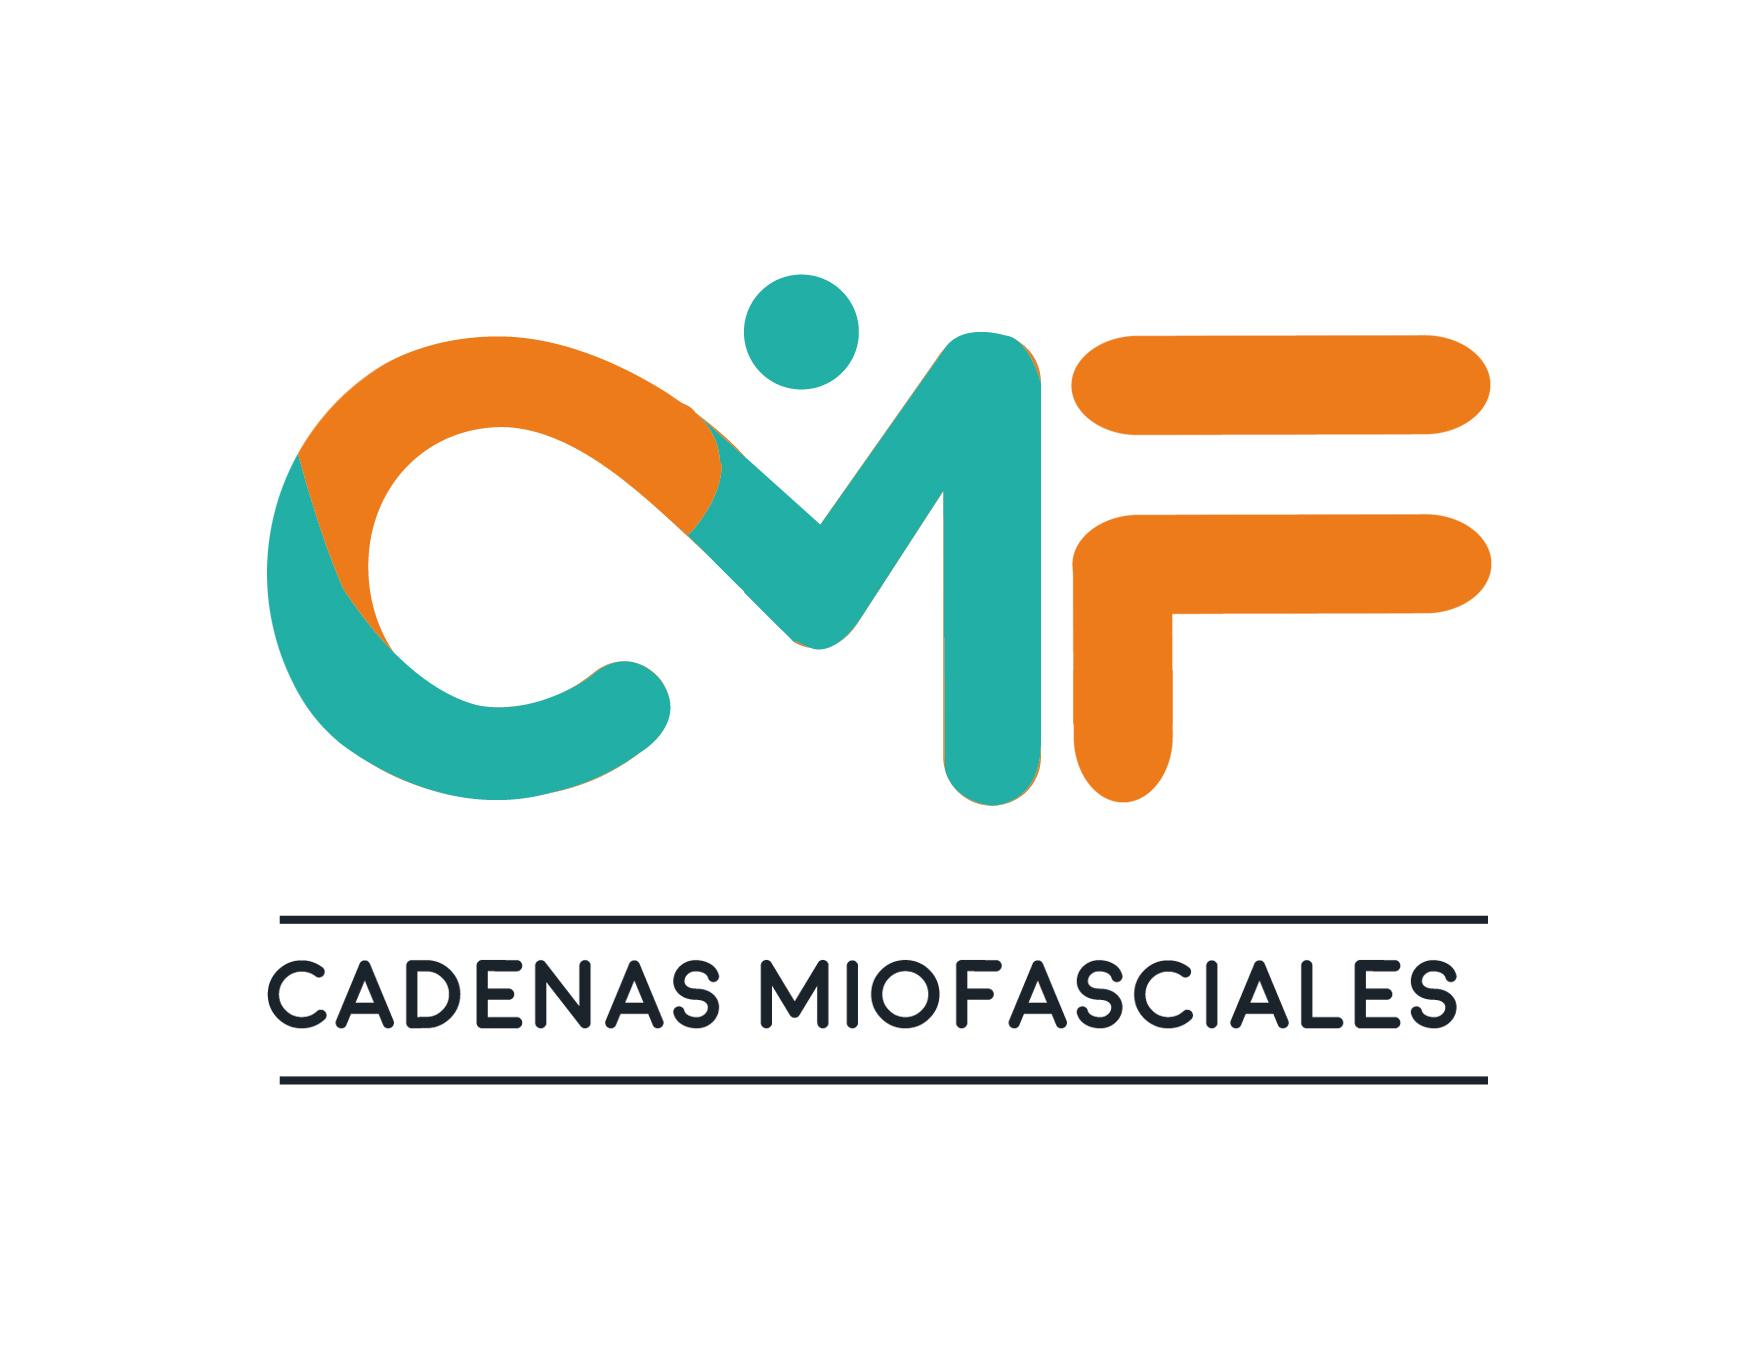 cadenas miofasciales logo